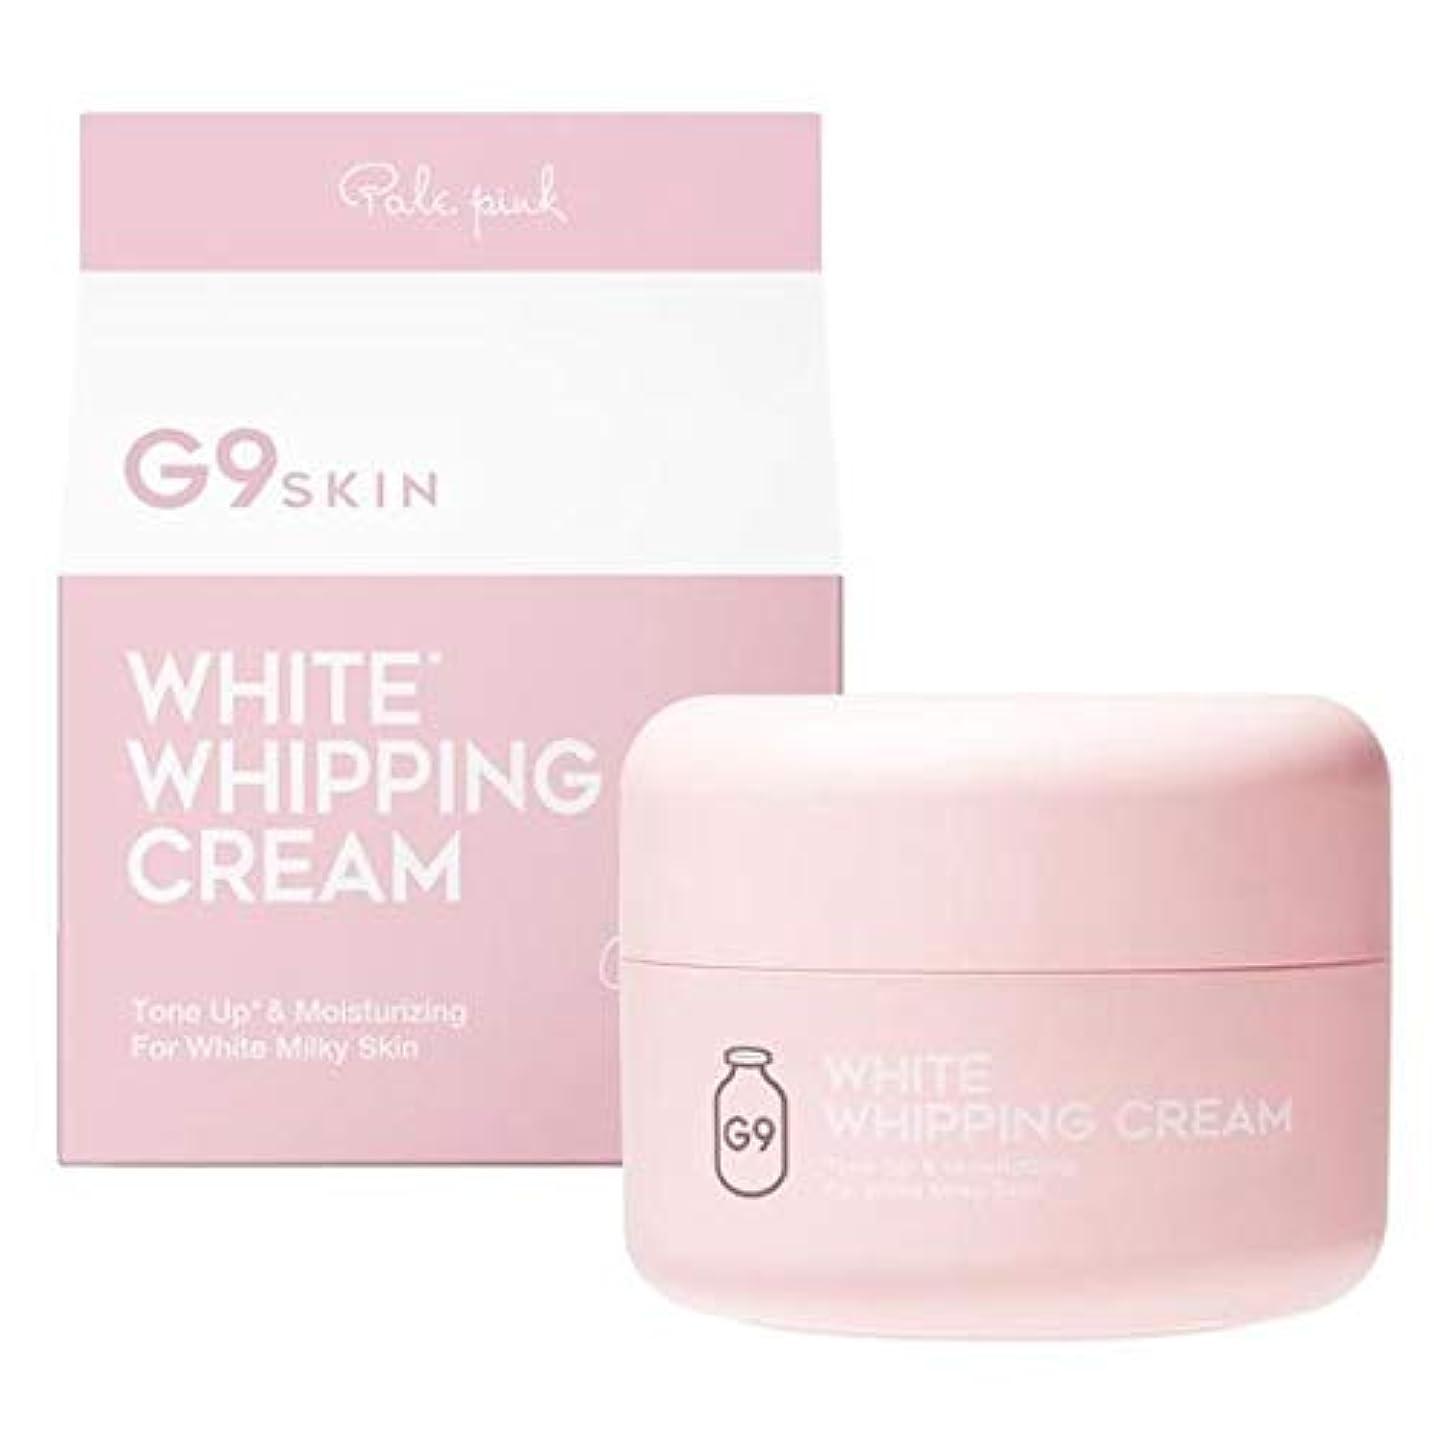 眩惑する取り扱いご飯ホワイトホイッピングクリーム ピンク 50g